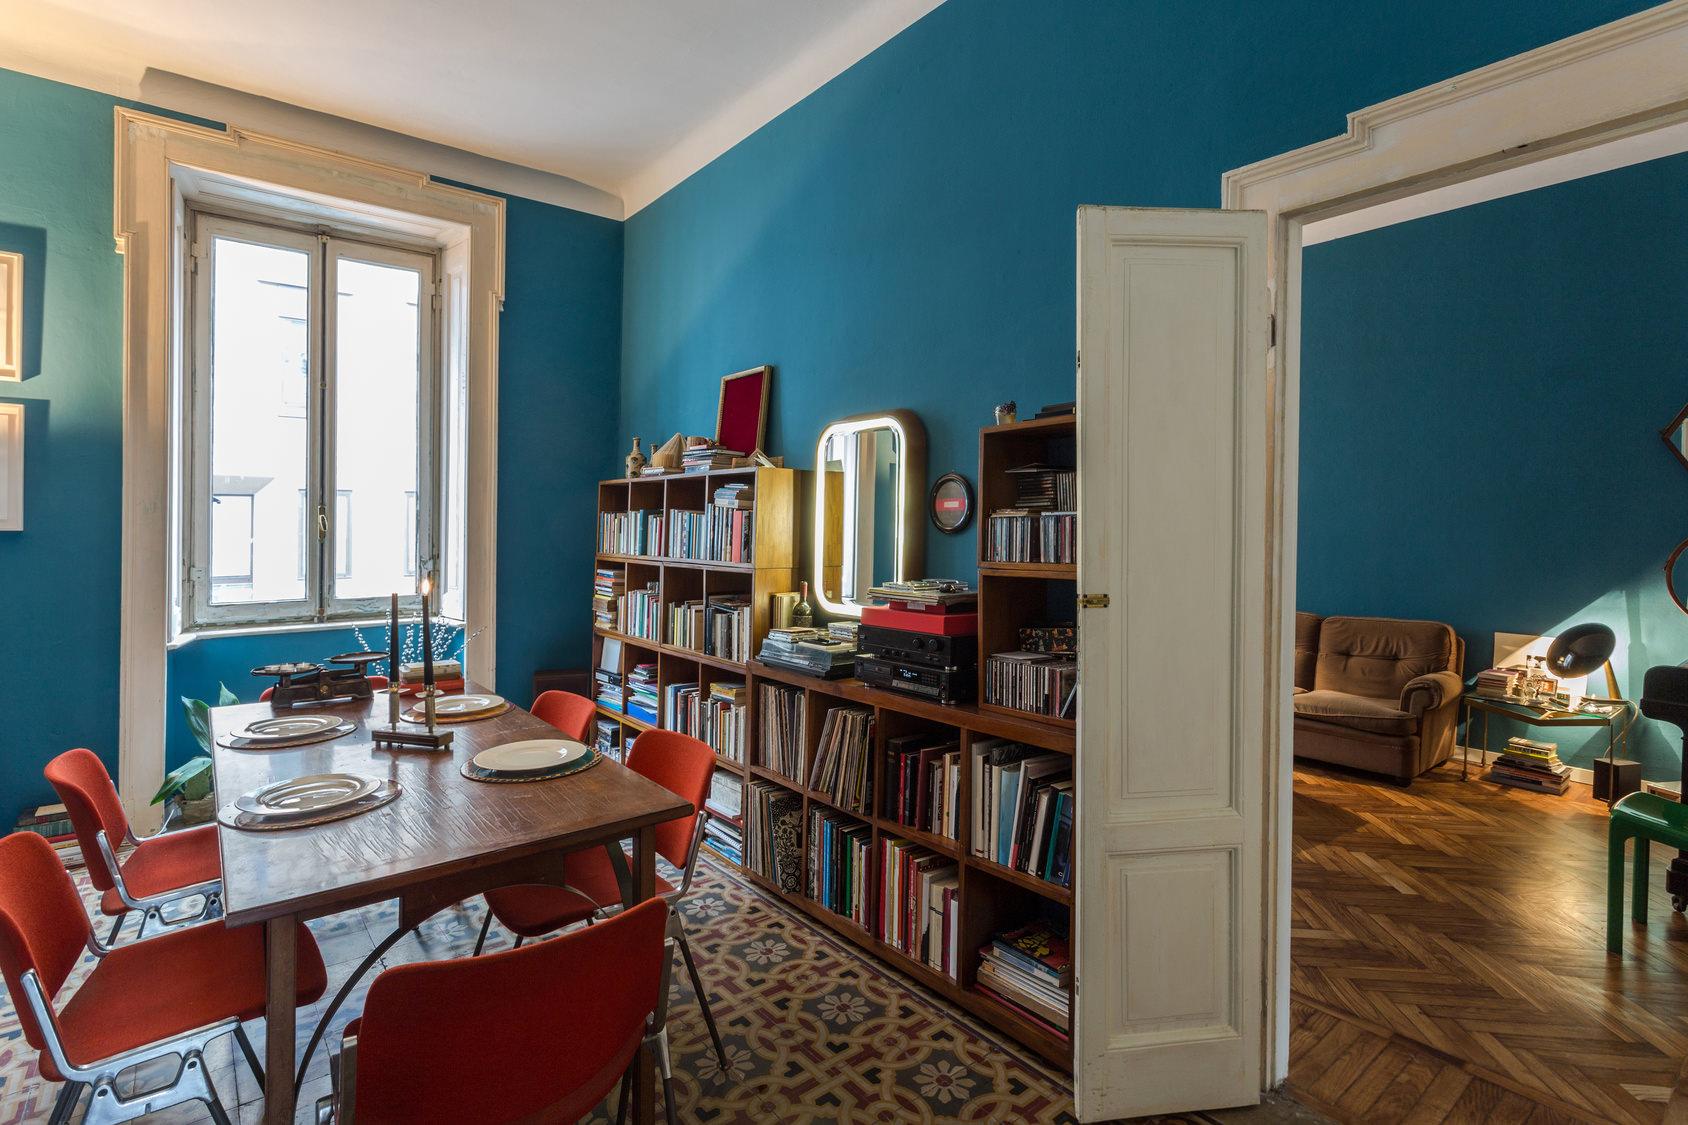 choisir entre location saisonni re ou longue dur e e g rance. Black Bedroom Furniture Sets. Home Design Ideas